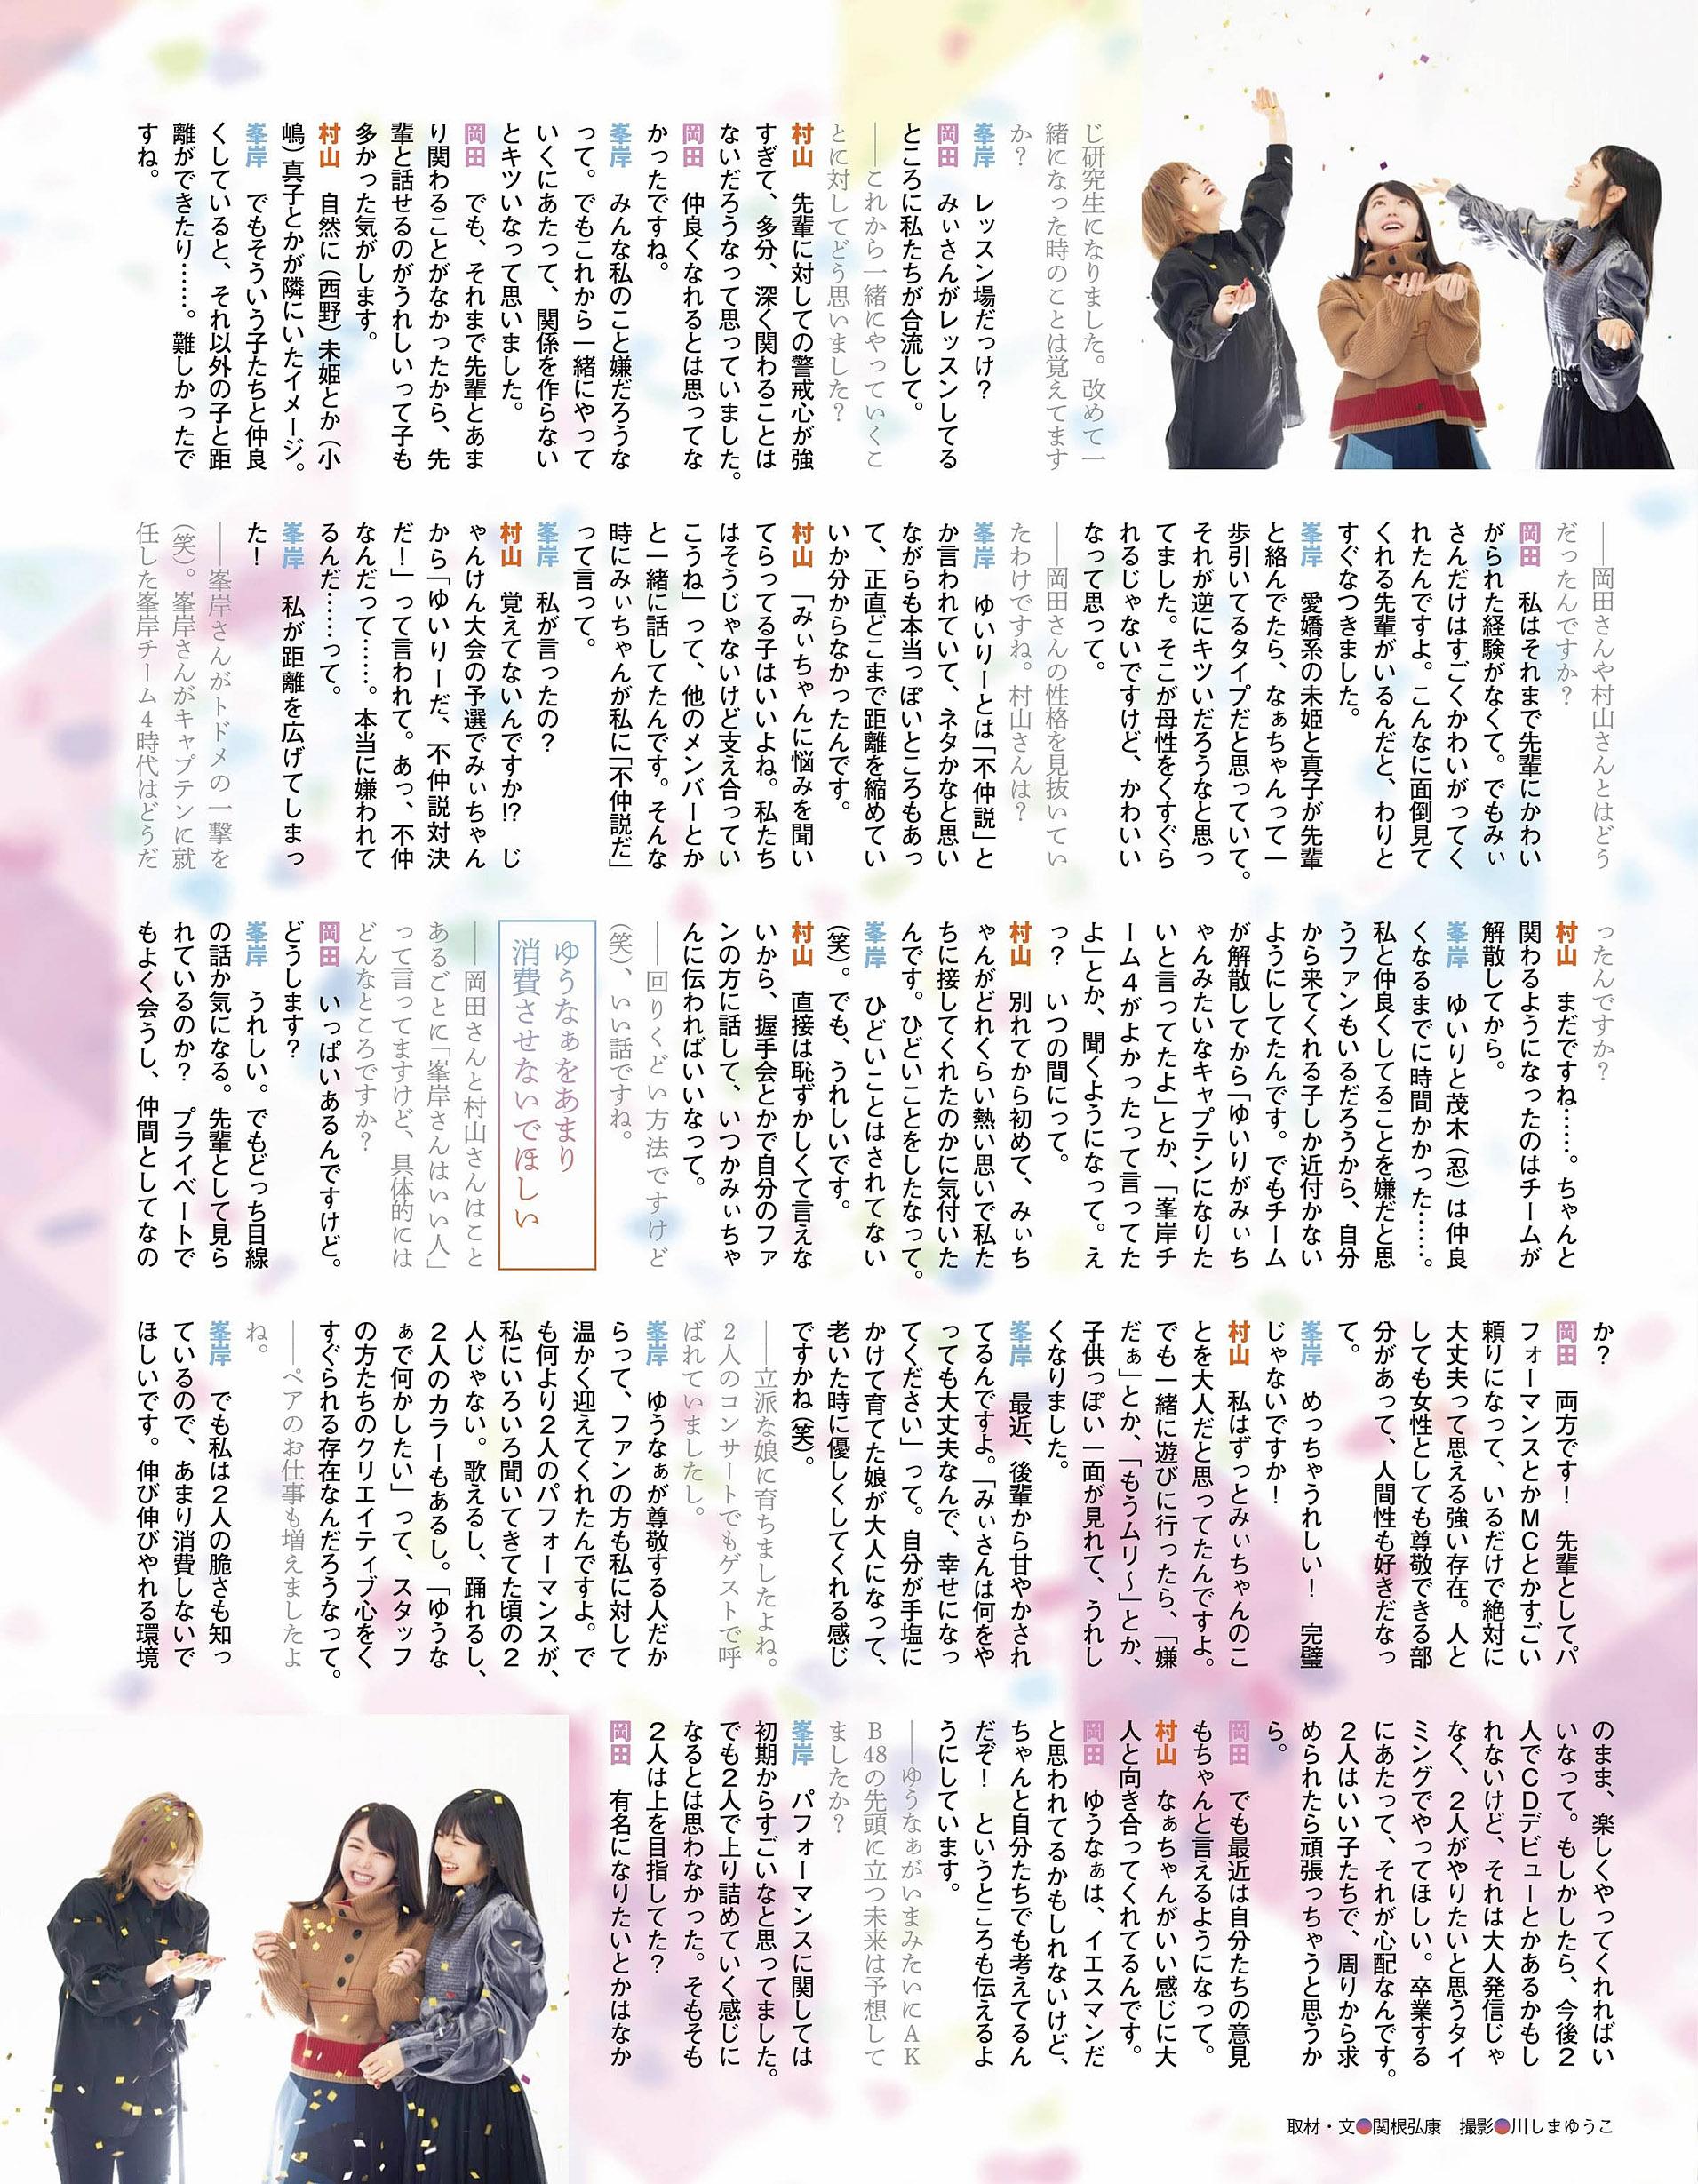 MMinegishi Ex-Taishu 2003 02.jpg